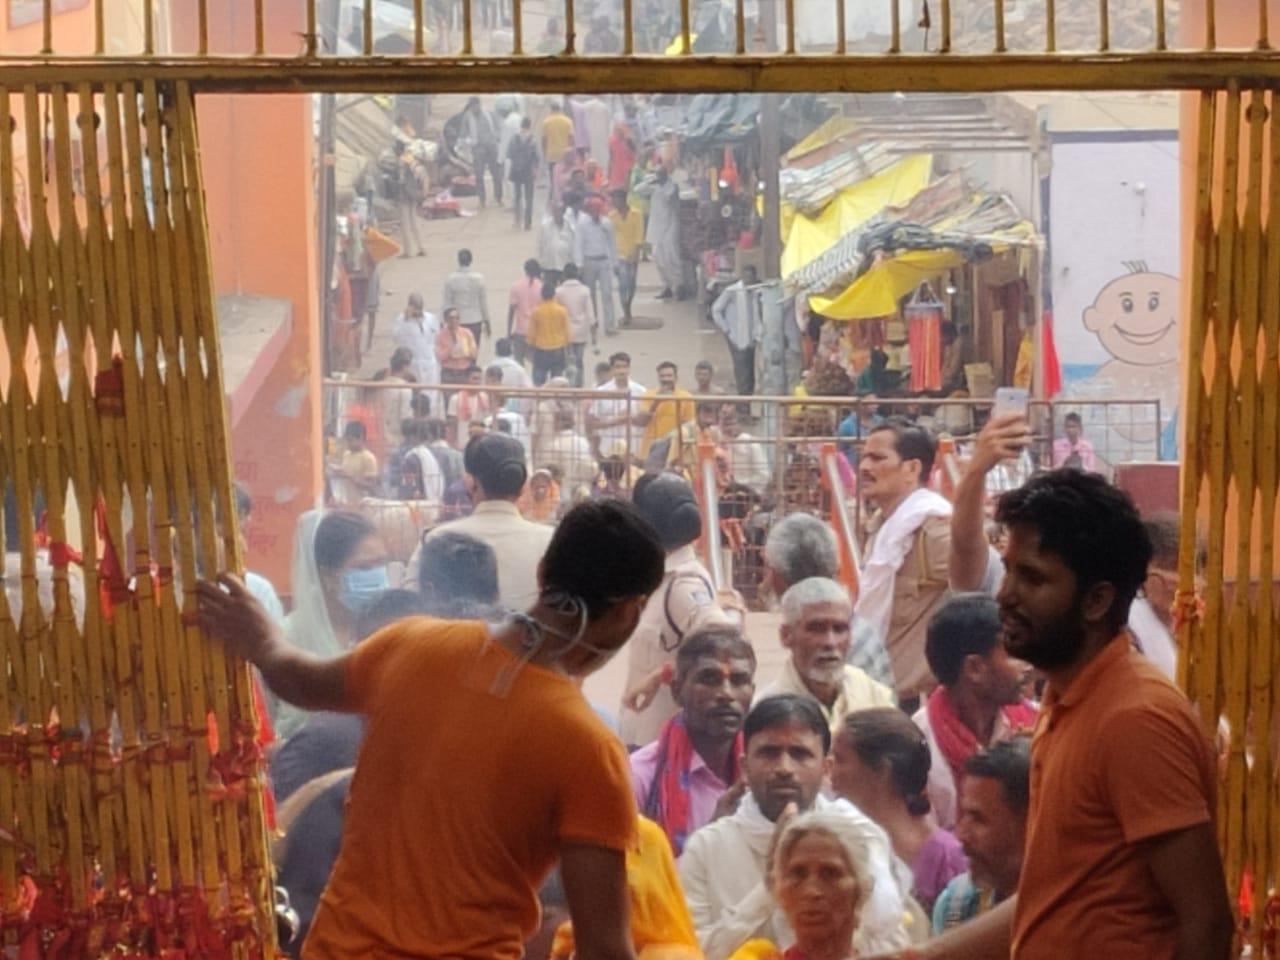 तस्वीर कामतानाथ मंदिर परिसर की है। यहां भीड़ देखकर ही अंदाजा लगाया जा सकता है कि आस्था का ये सैलाब कोरोना का सुपर स्प्रेडर बन सकता है।